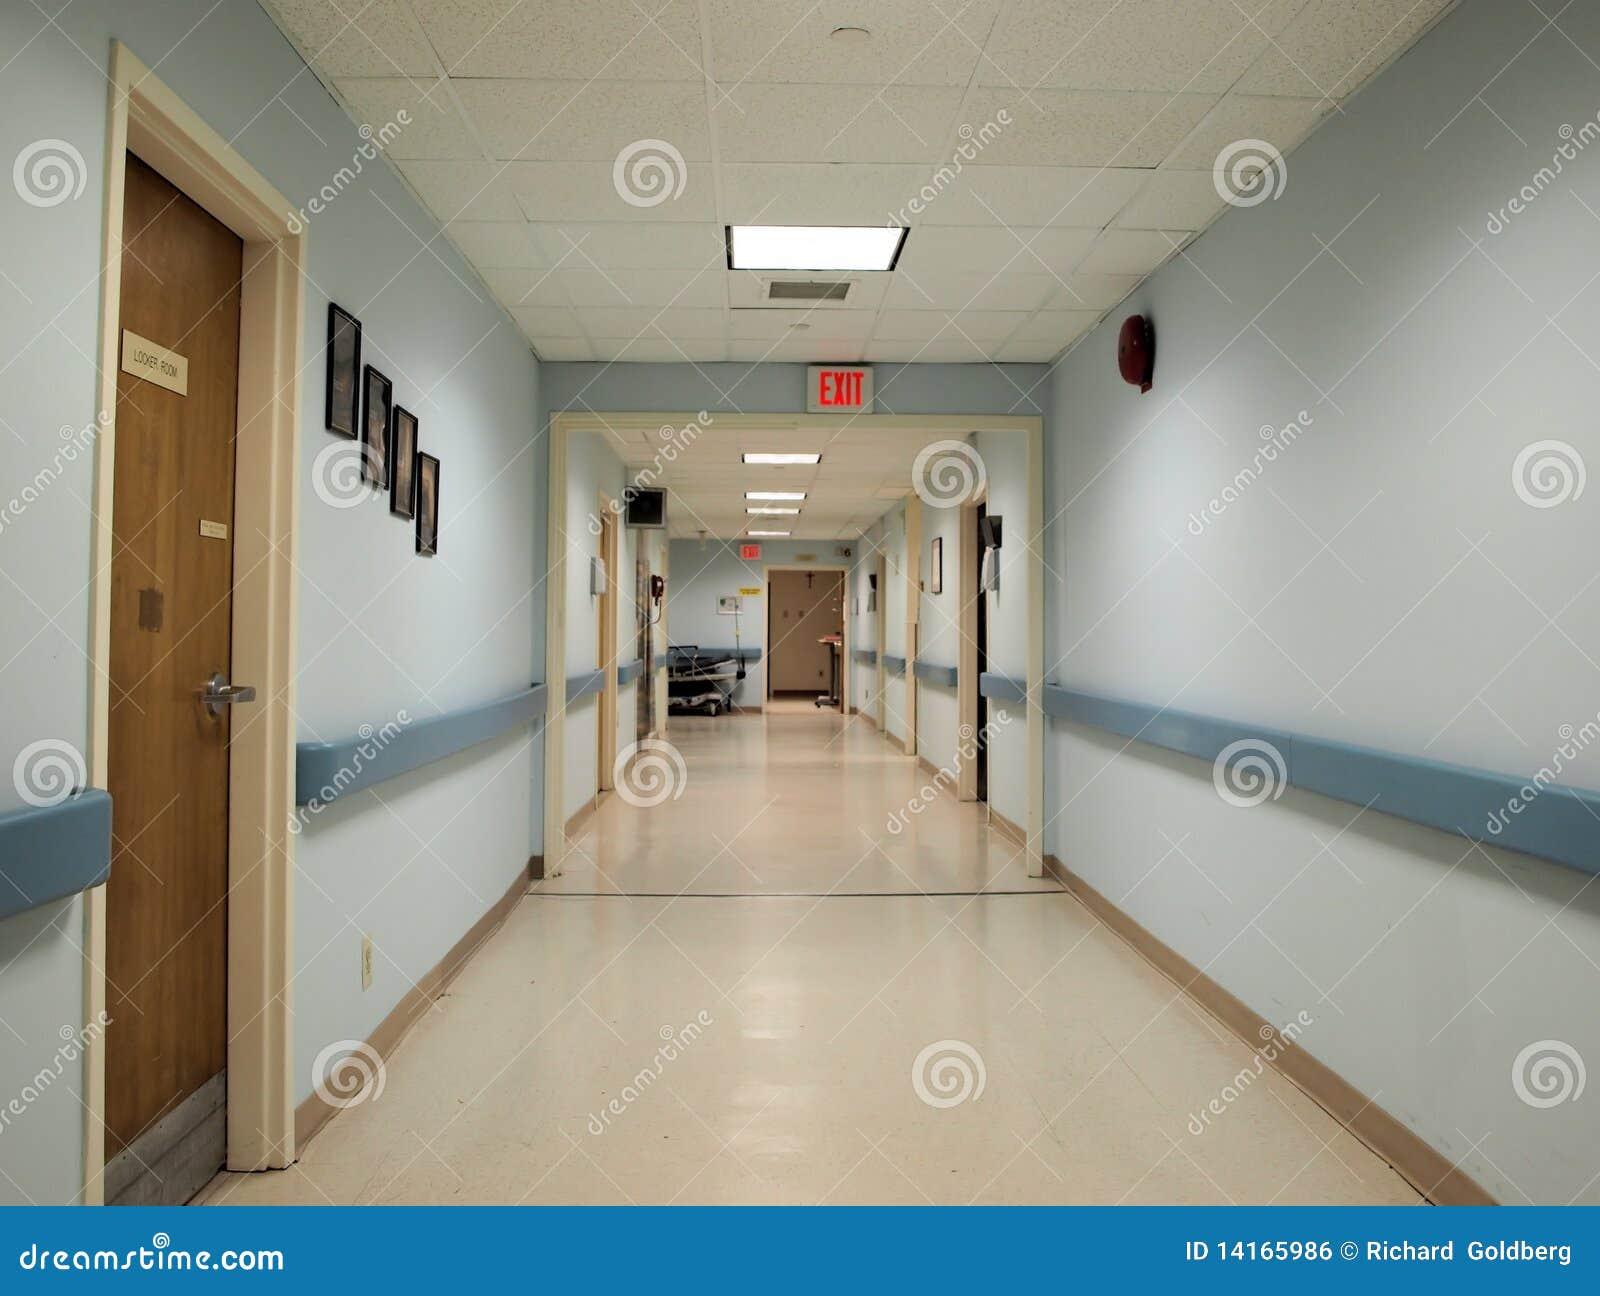 De gang van het ziekenhuis stock foto afbeelding bestaande uit ruimte 14165986 - Deco van de gang ...